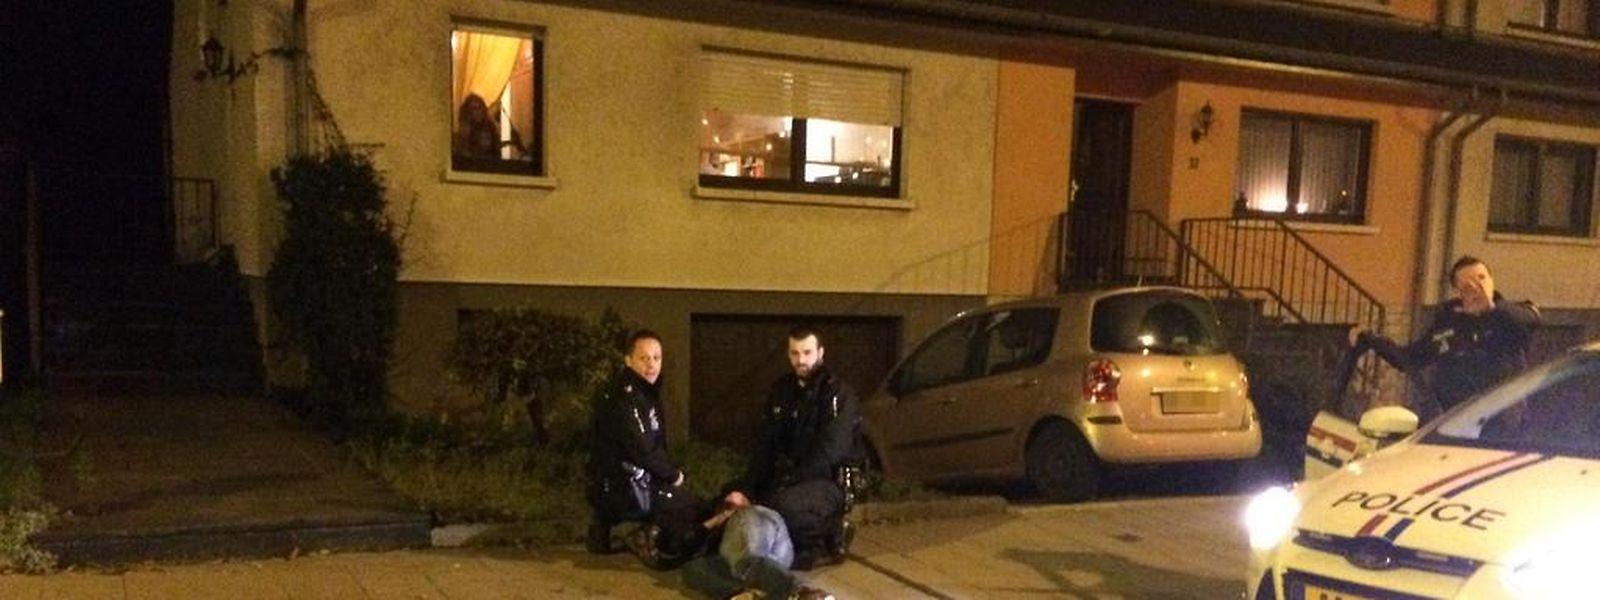 Für viel Aufregung sorgte ein Polizeieinsatz am Freitagabend in Gasperich. Die beiden festgenommenen Männer sind heute wieder auf freiem Fuß.